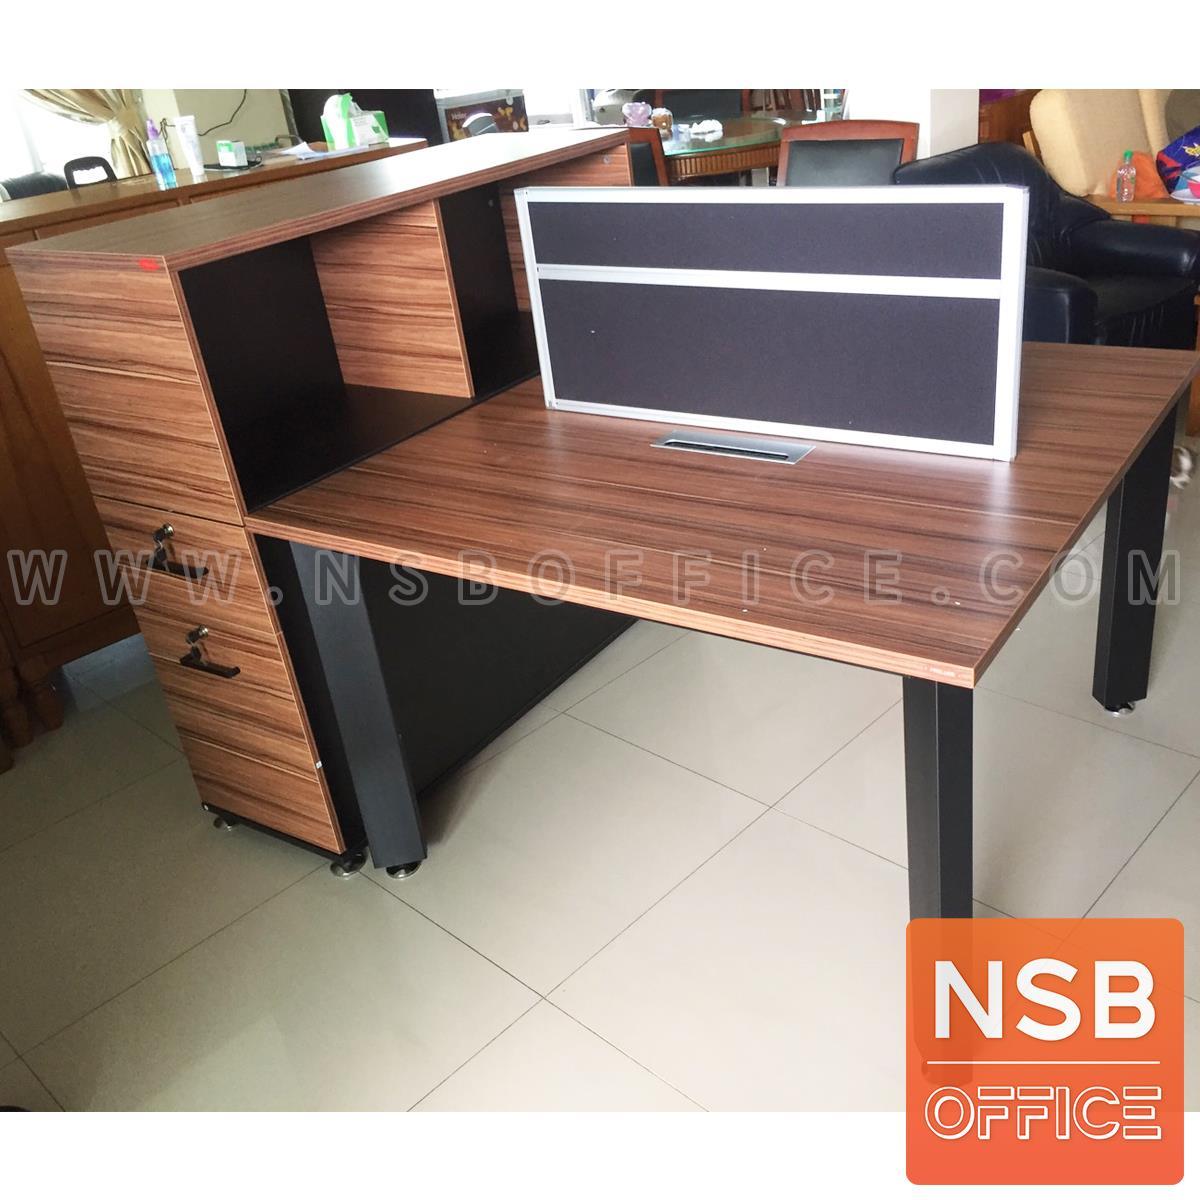 ชุดโต๊ะทำงานกลุ่ม 2 ที่นั่ง  รุ่น Emporio (แอมโพริโอ้) ขนาด 120W cm. ขาเหล็กพ่นดำ สีวอลนัทตัดดำ